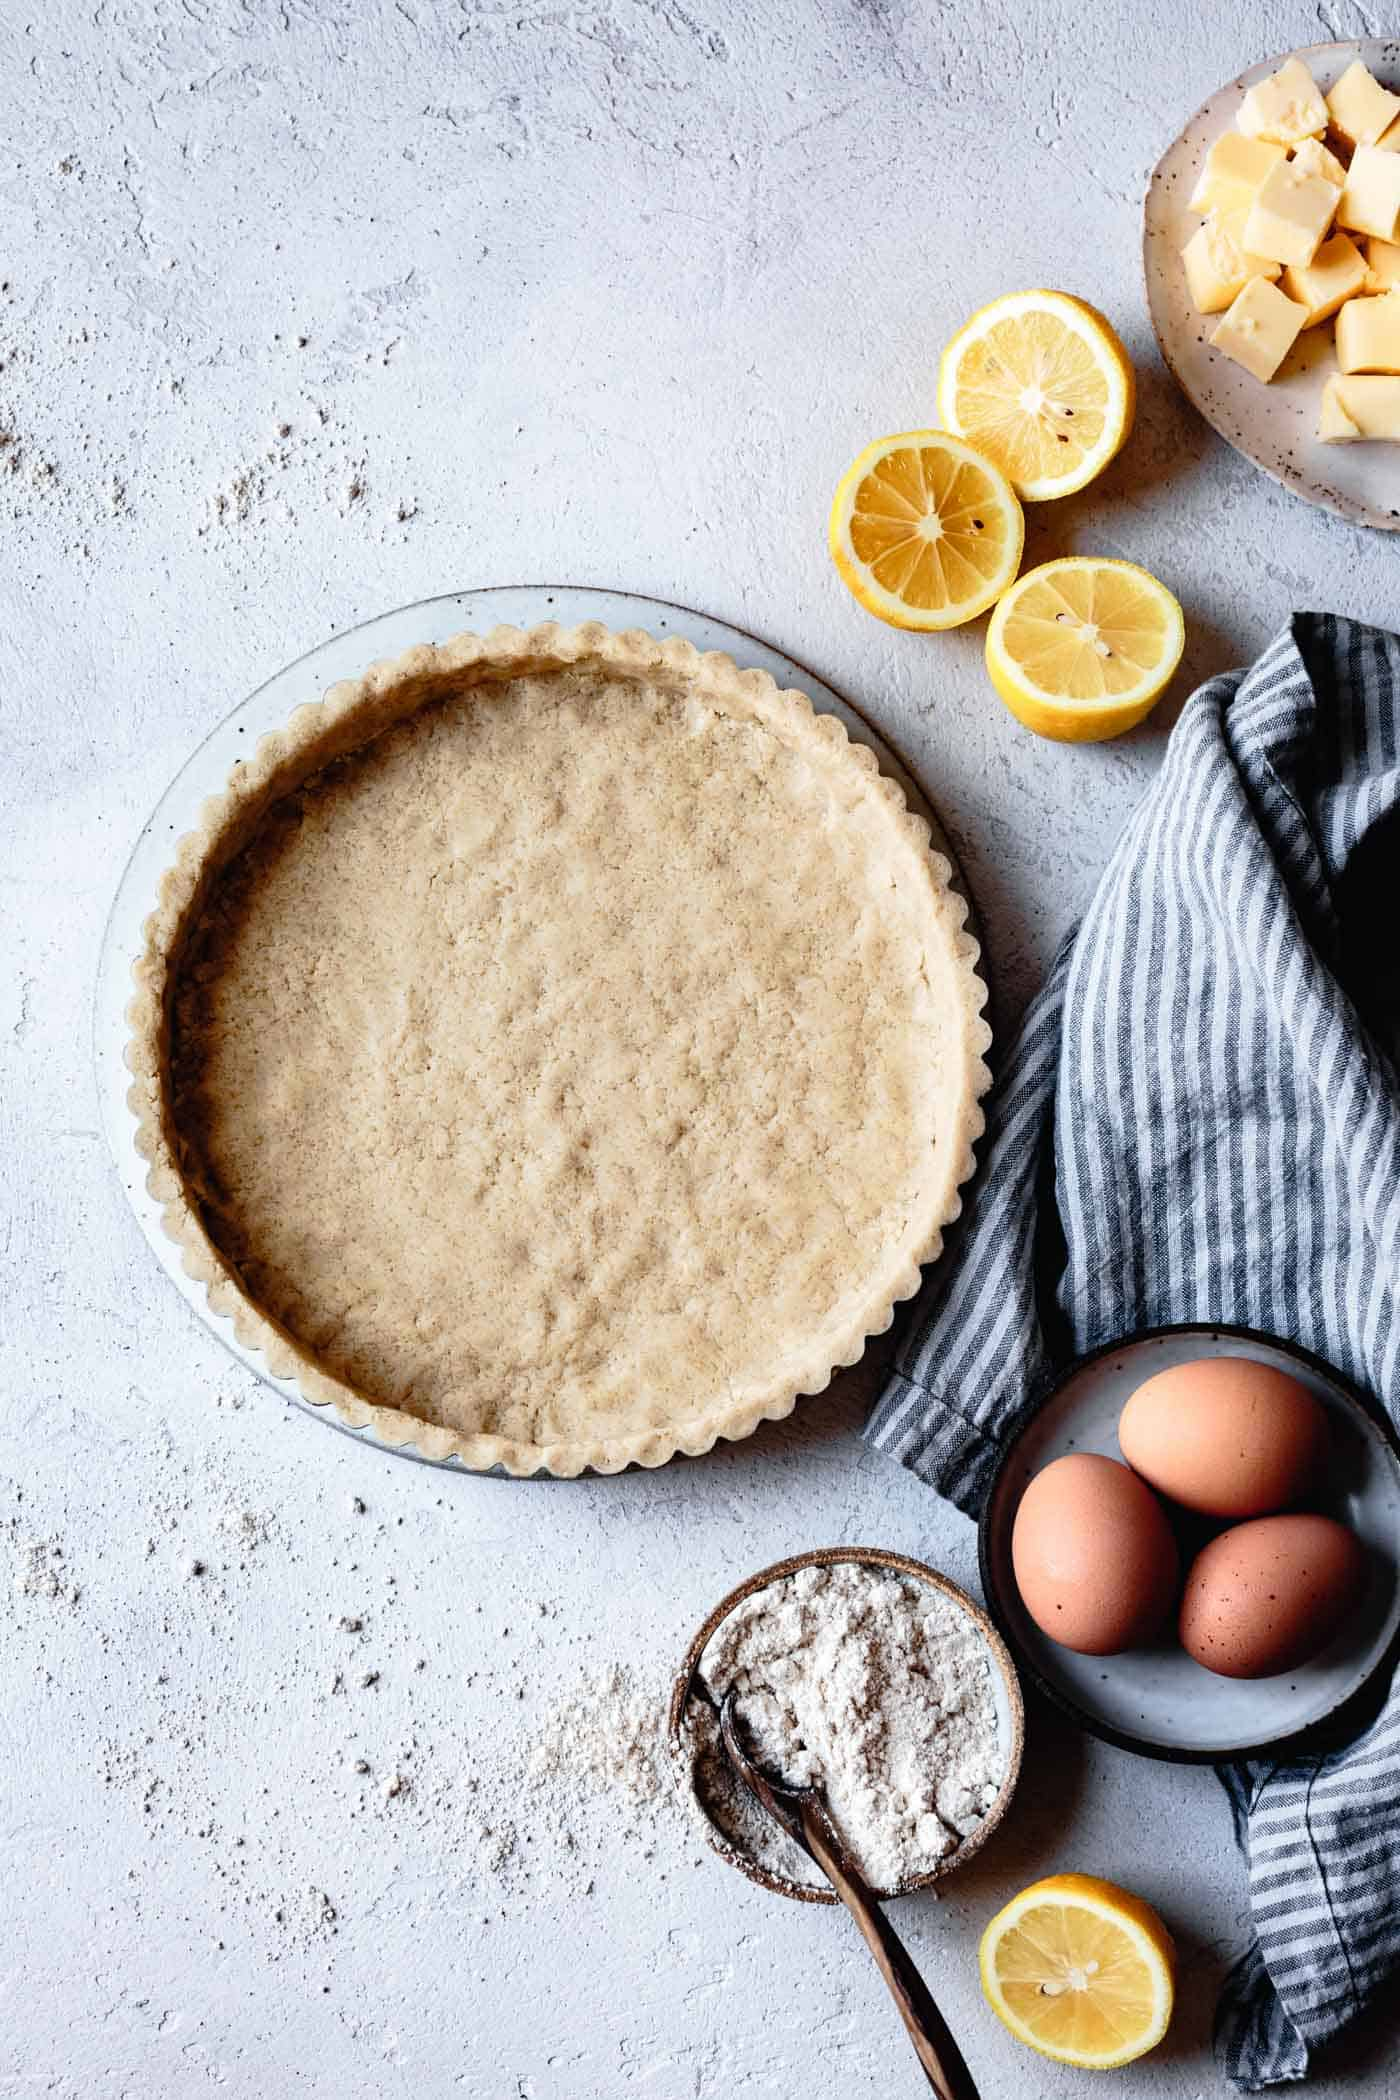 unbaked gluten-free tart crust